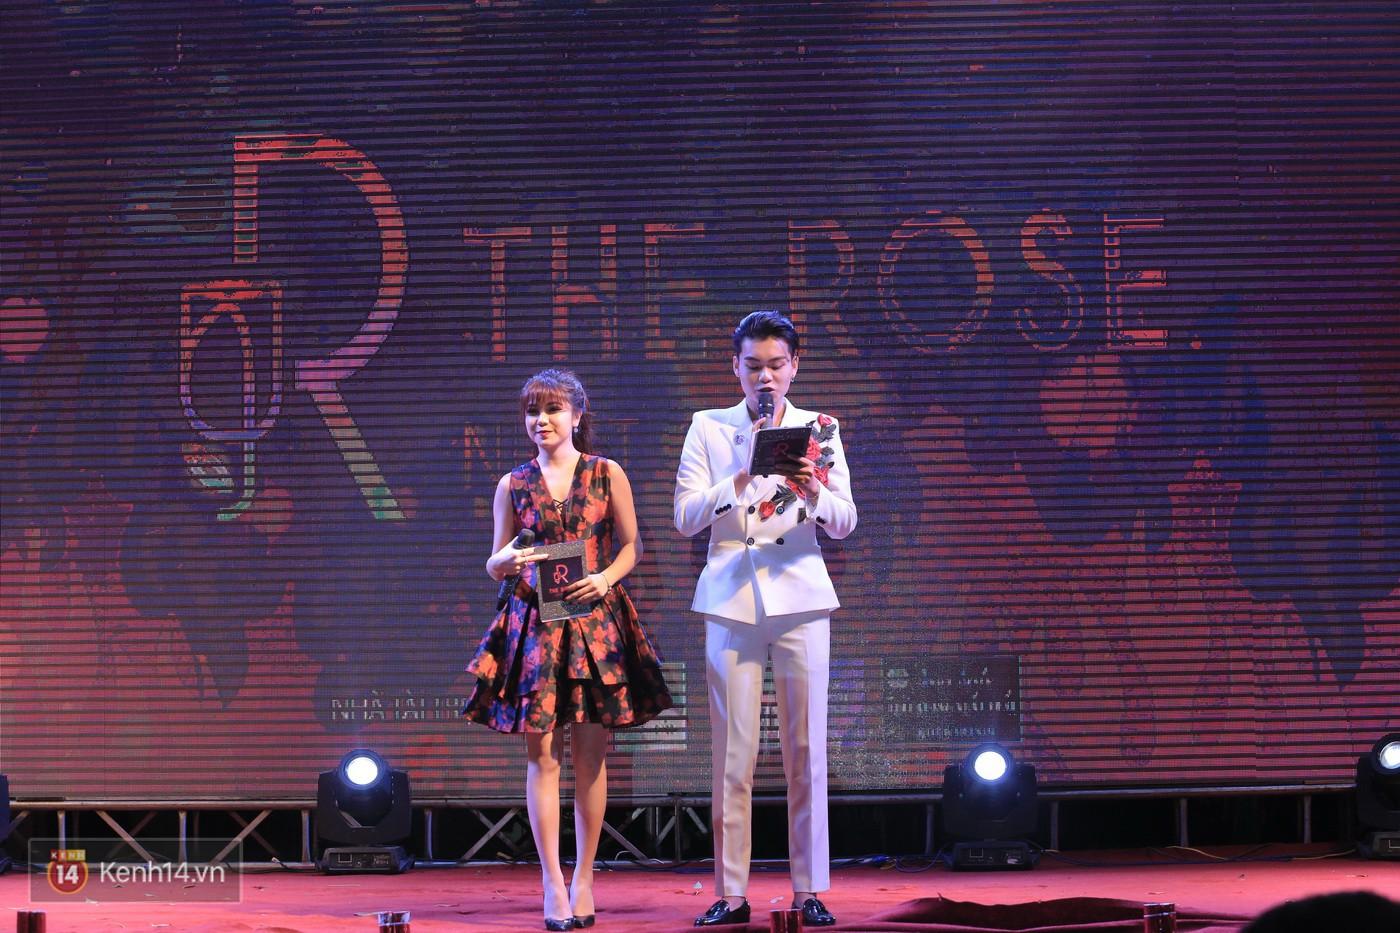 Trai xinh gái đẹp trường Lê Quý Đôn (Hà Nội) quẩy tưng bừng trong prom chào mừng 20/11 - Ảnh 15.